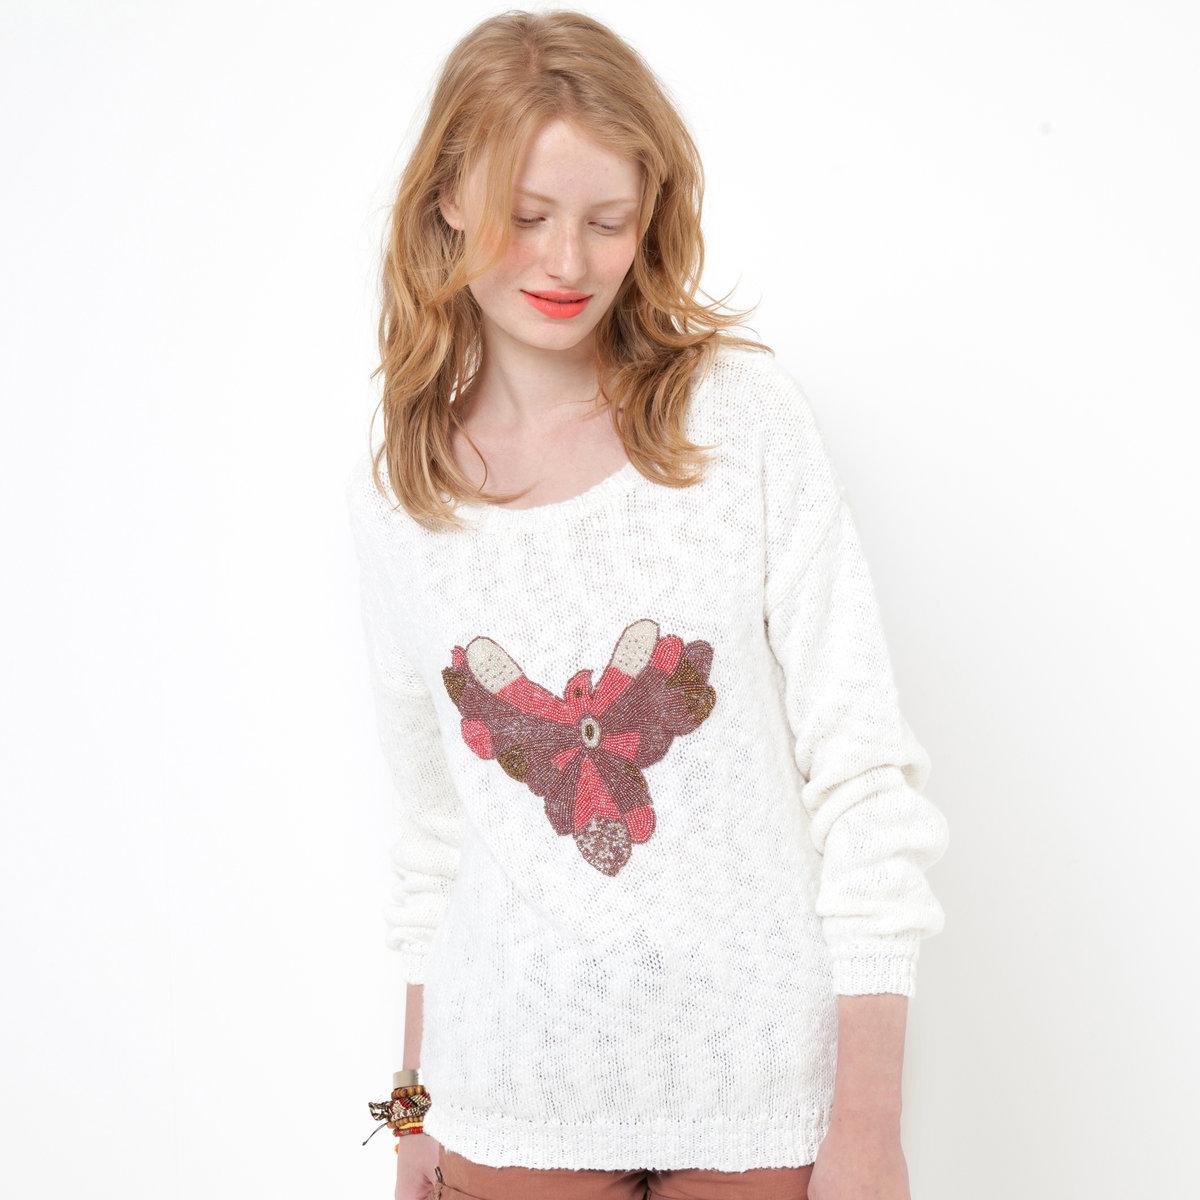 Пуловер с длинными рукавамиПуловер. 84% хлопка, 16% акрила. Длинные рукава. Украшение с бусинами. Длина 62 см.<br><br>Цвет: экрю<br>Размер: 38/40 (FR) - 44/46 (RUS)